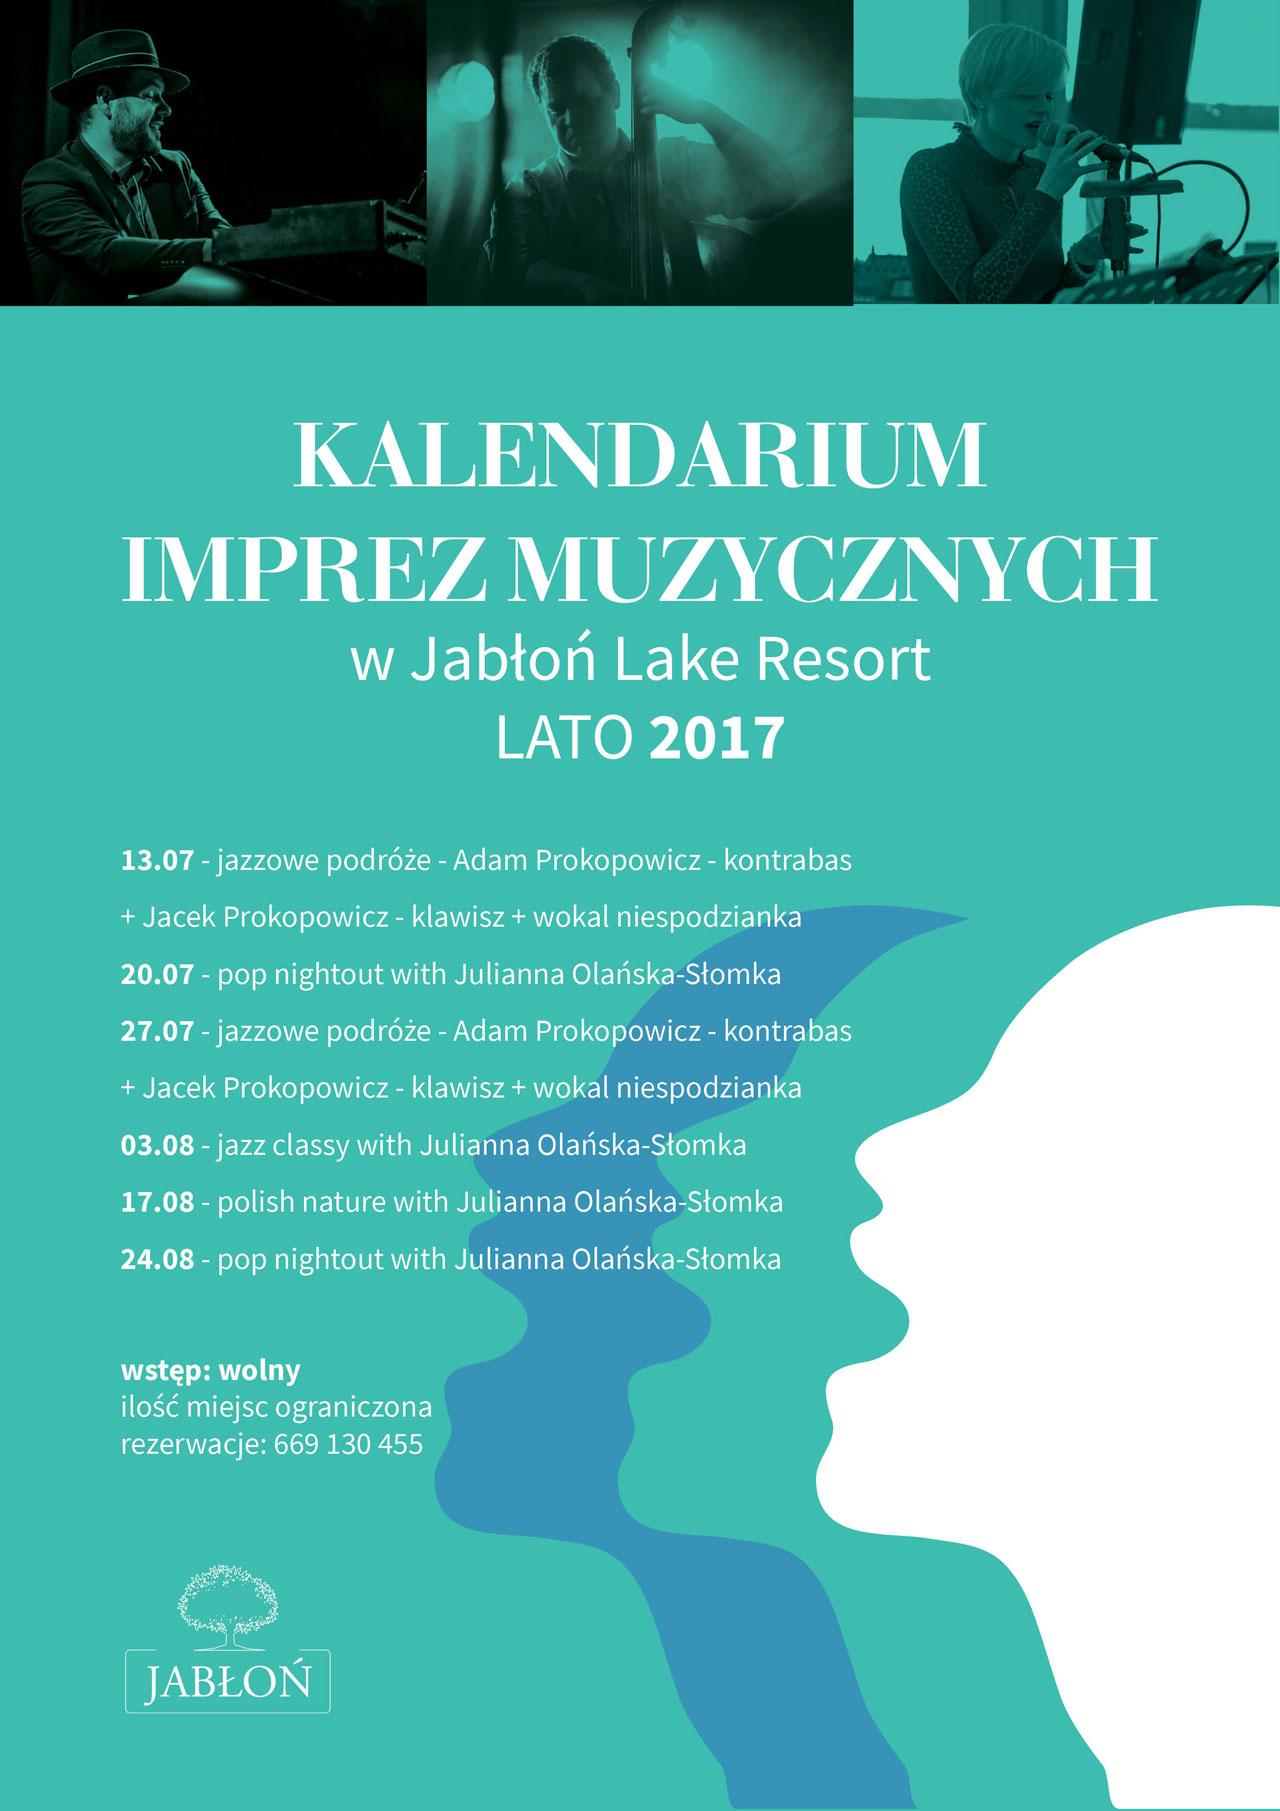 2_plakat_kalendarium_imprez